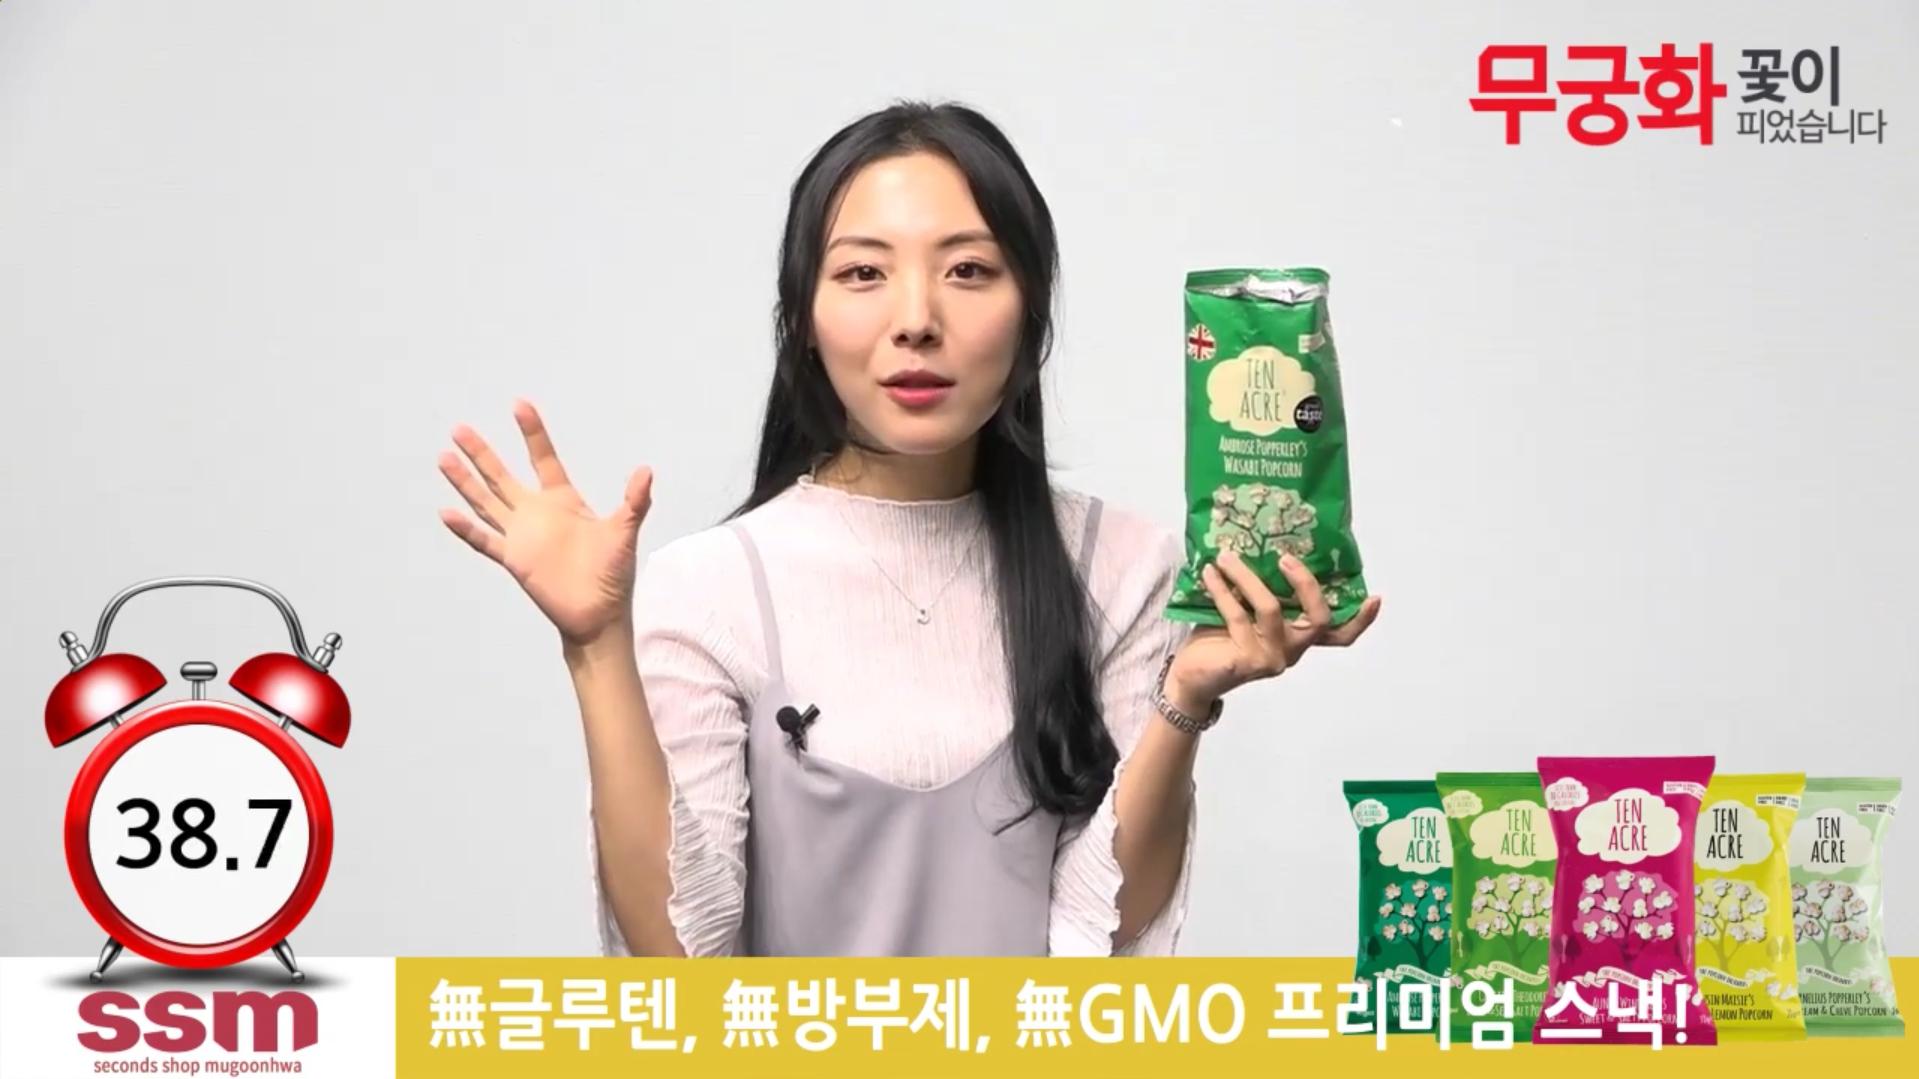 [텐에이커] 건강한 팝콘